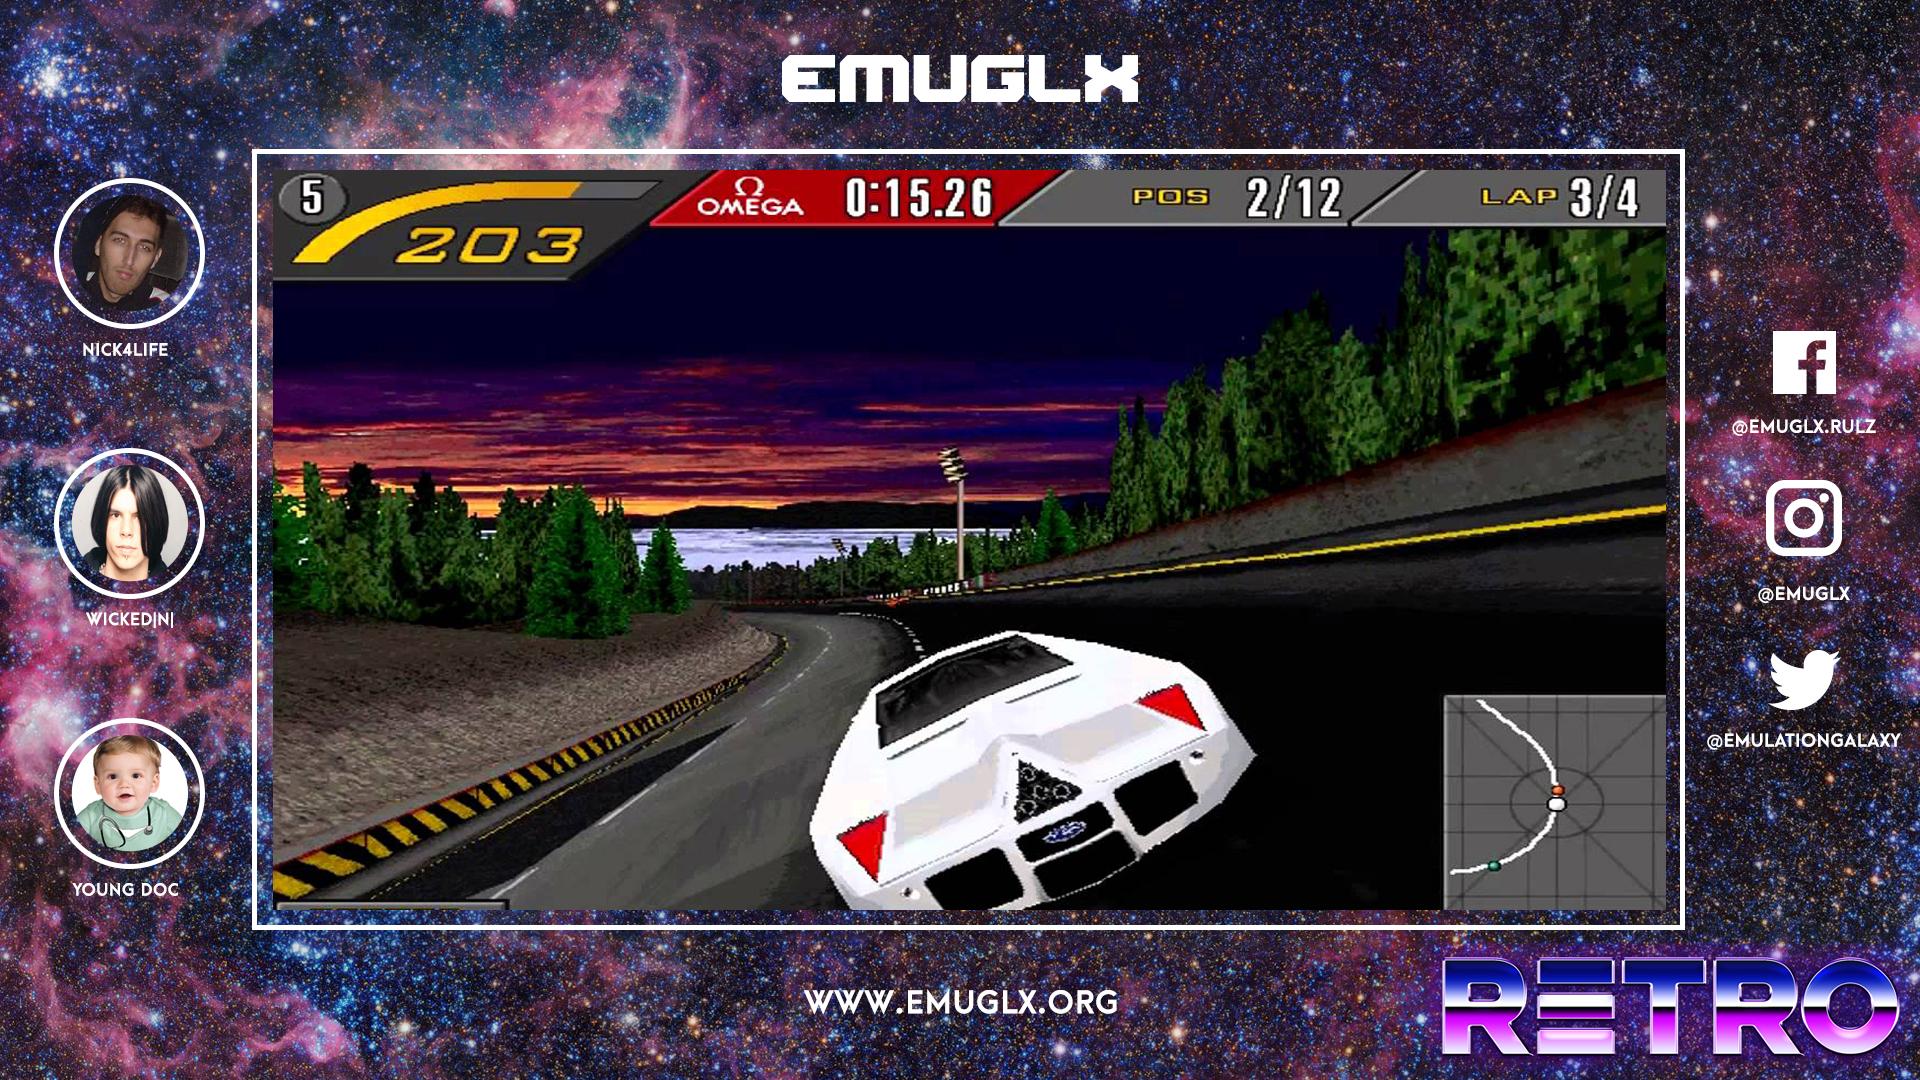 Emuglx-podcast-3-memeber-RETRO-podcast.jpg